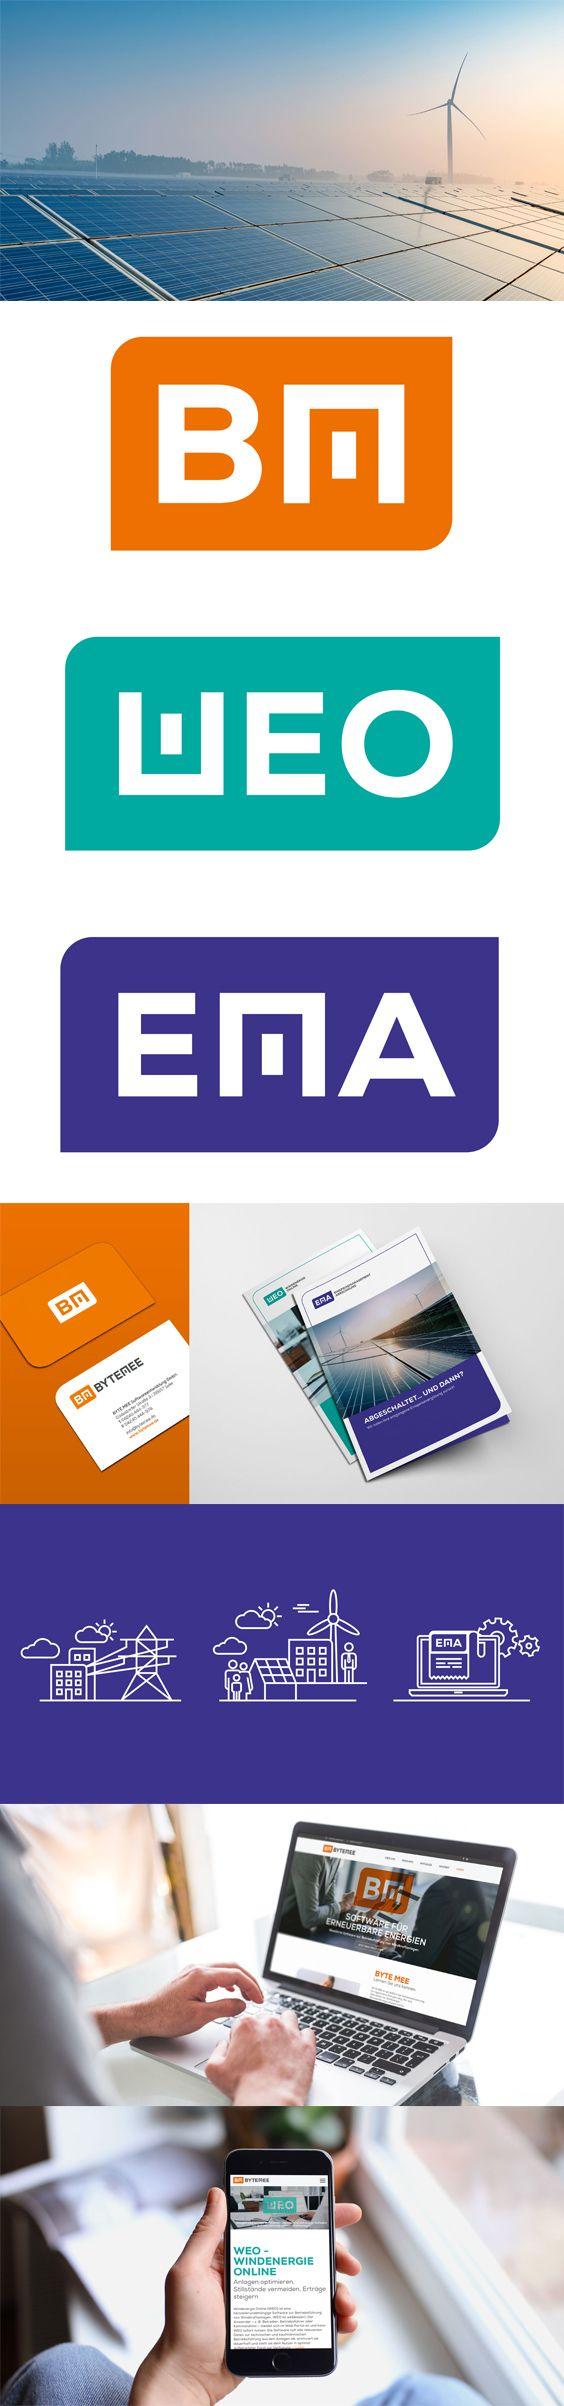 Mit #Windenergie volle #Kraft voraus #Redesign & neue #Website für BYTE MEE Auf Basis eines Marken-Workshops wurden das vorhandene Firmen-Logo sowie zwei Produkt-#Logos überarbeitet und auf das Wesentliche reduziert. Farben und Formen wurden weitergeführt, damit der Wiedererkennungswert erhalten blieb. Im Zuge des Redesigns entwickelte moskito eine klar strukturierte BYTE MEE-Website im neuen Corporate #Design und neue #Landingpages für die Softwarelösungen WEO und EMA.